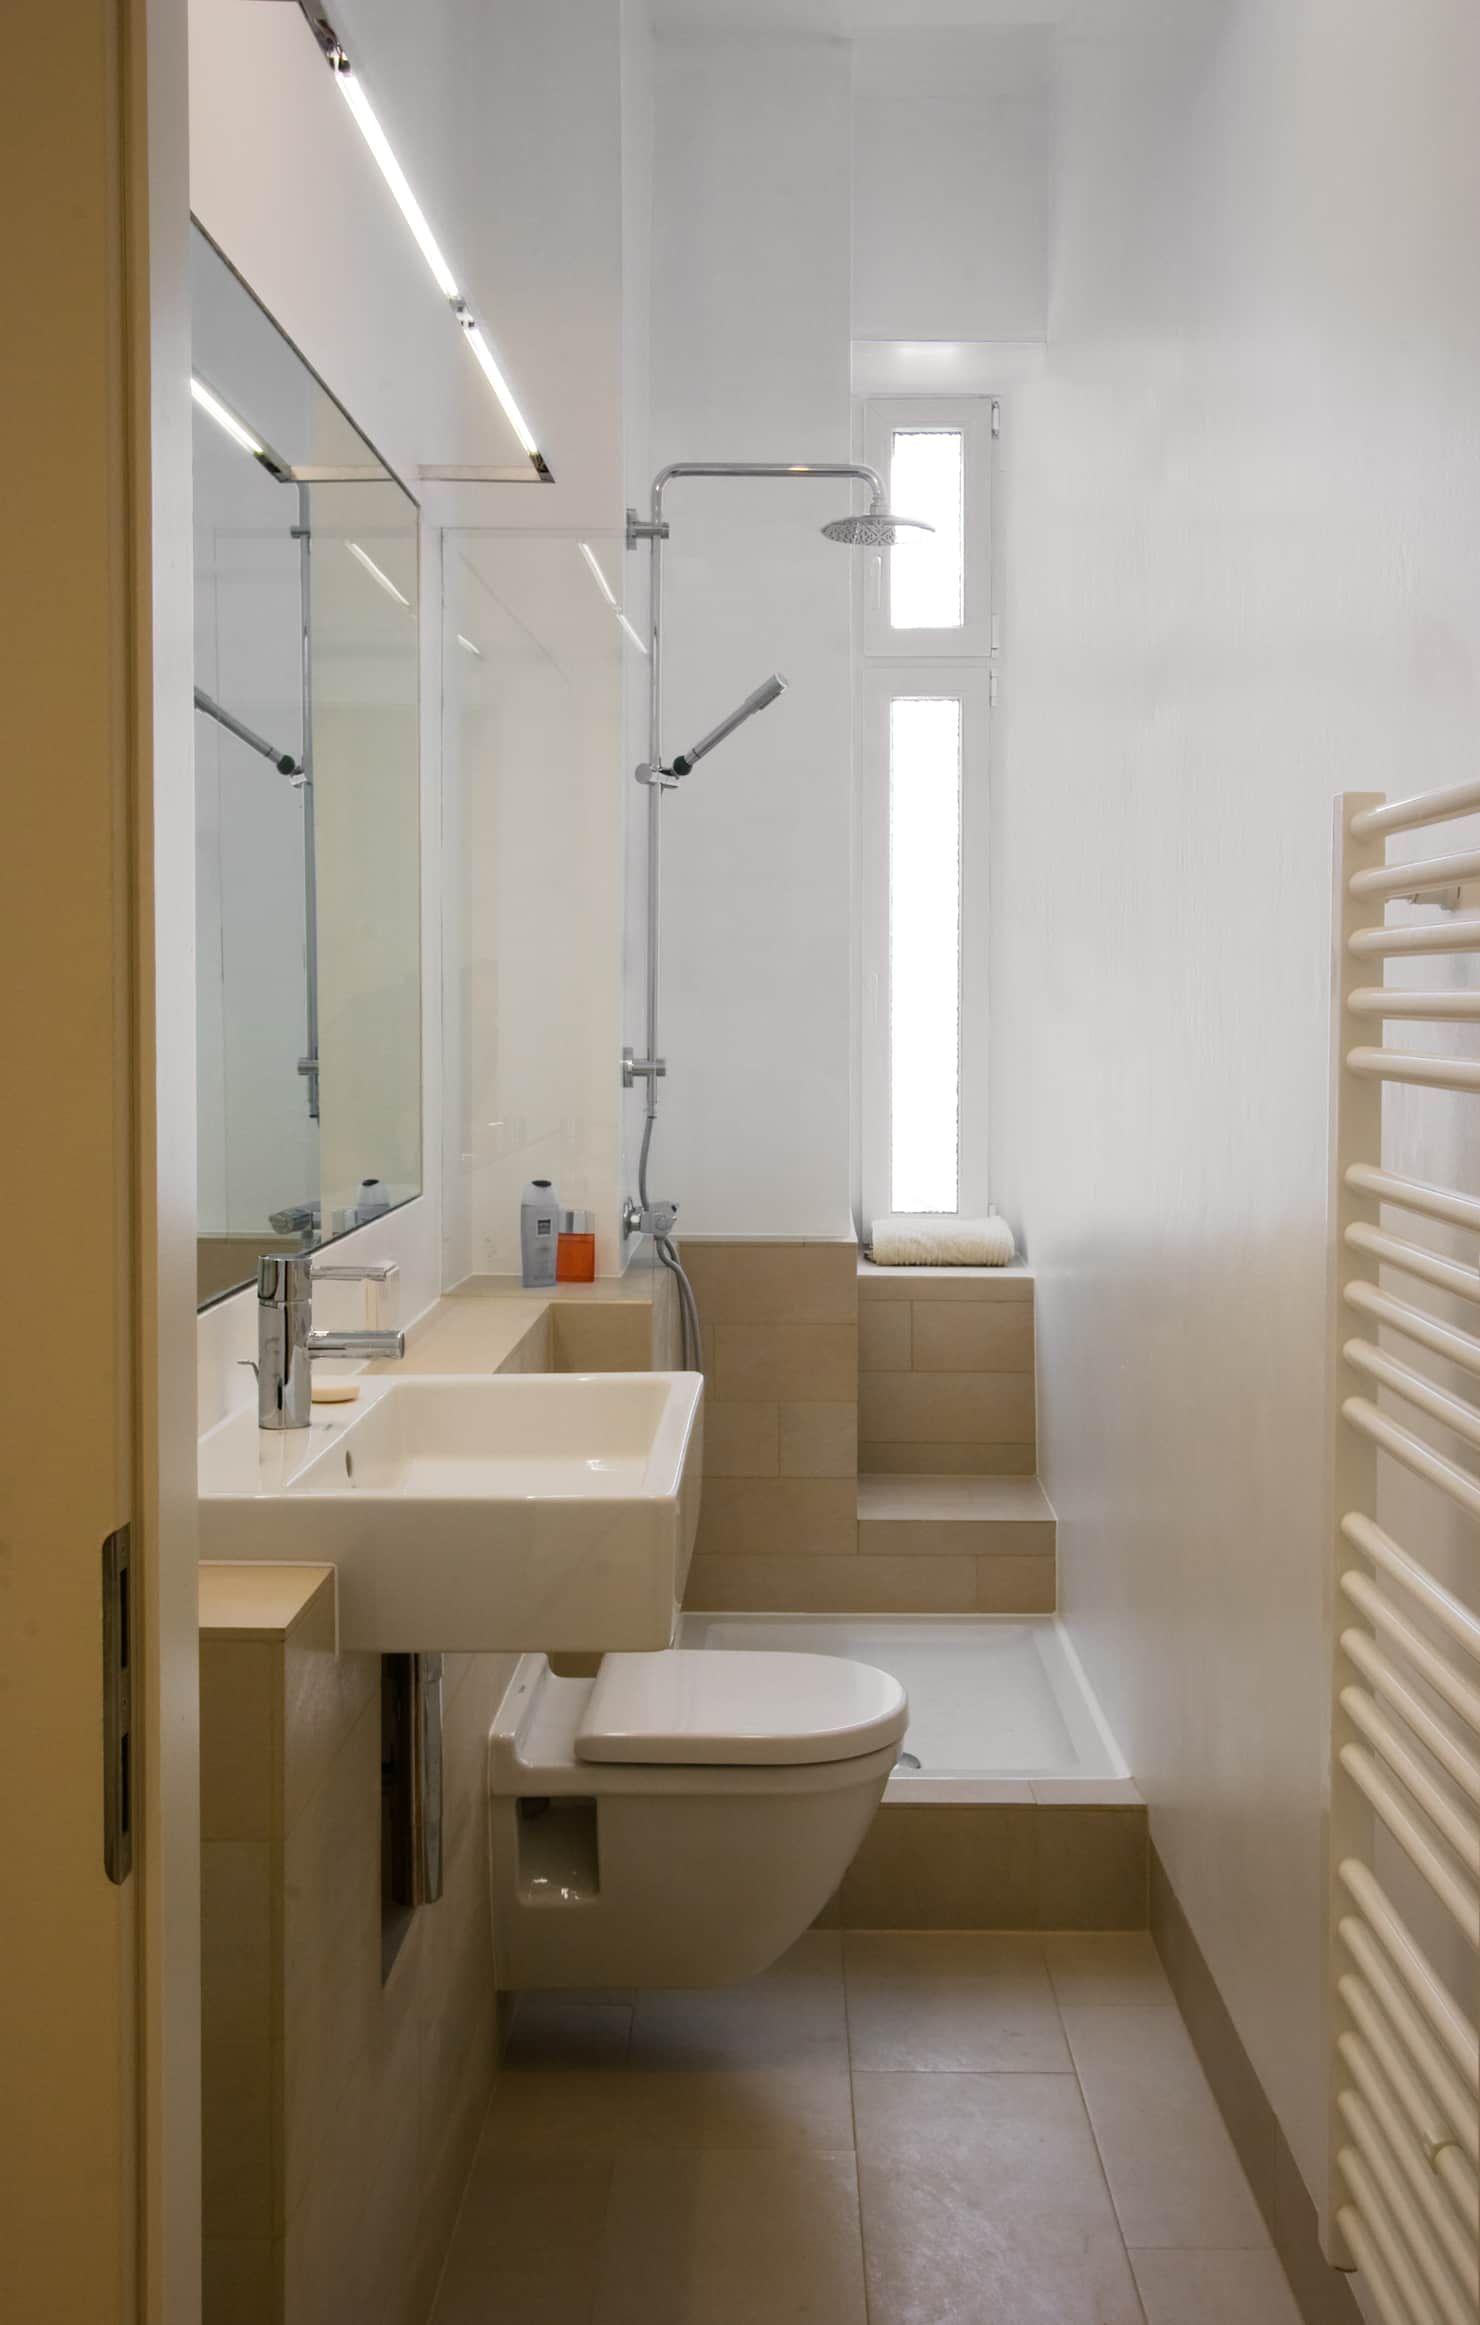 Bad moderne badezimmer von nickel architekten modern   Badezimmer klein, Badezimmer, Schmales ...